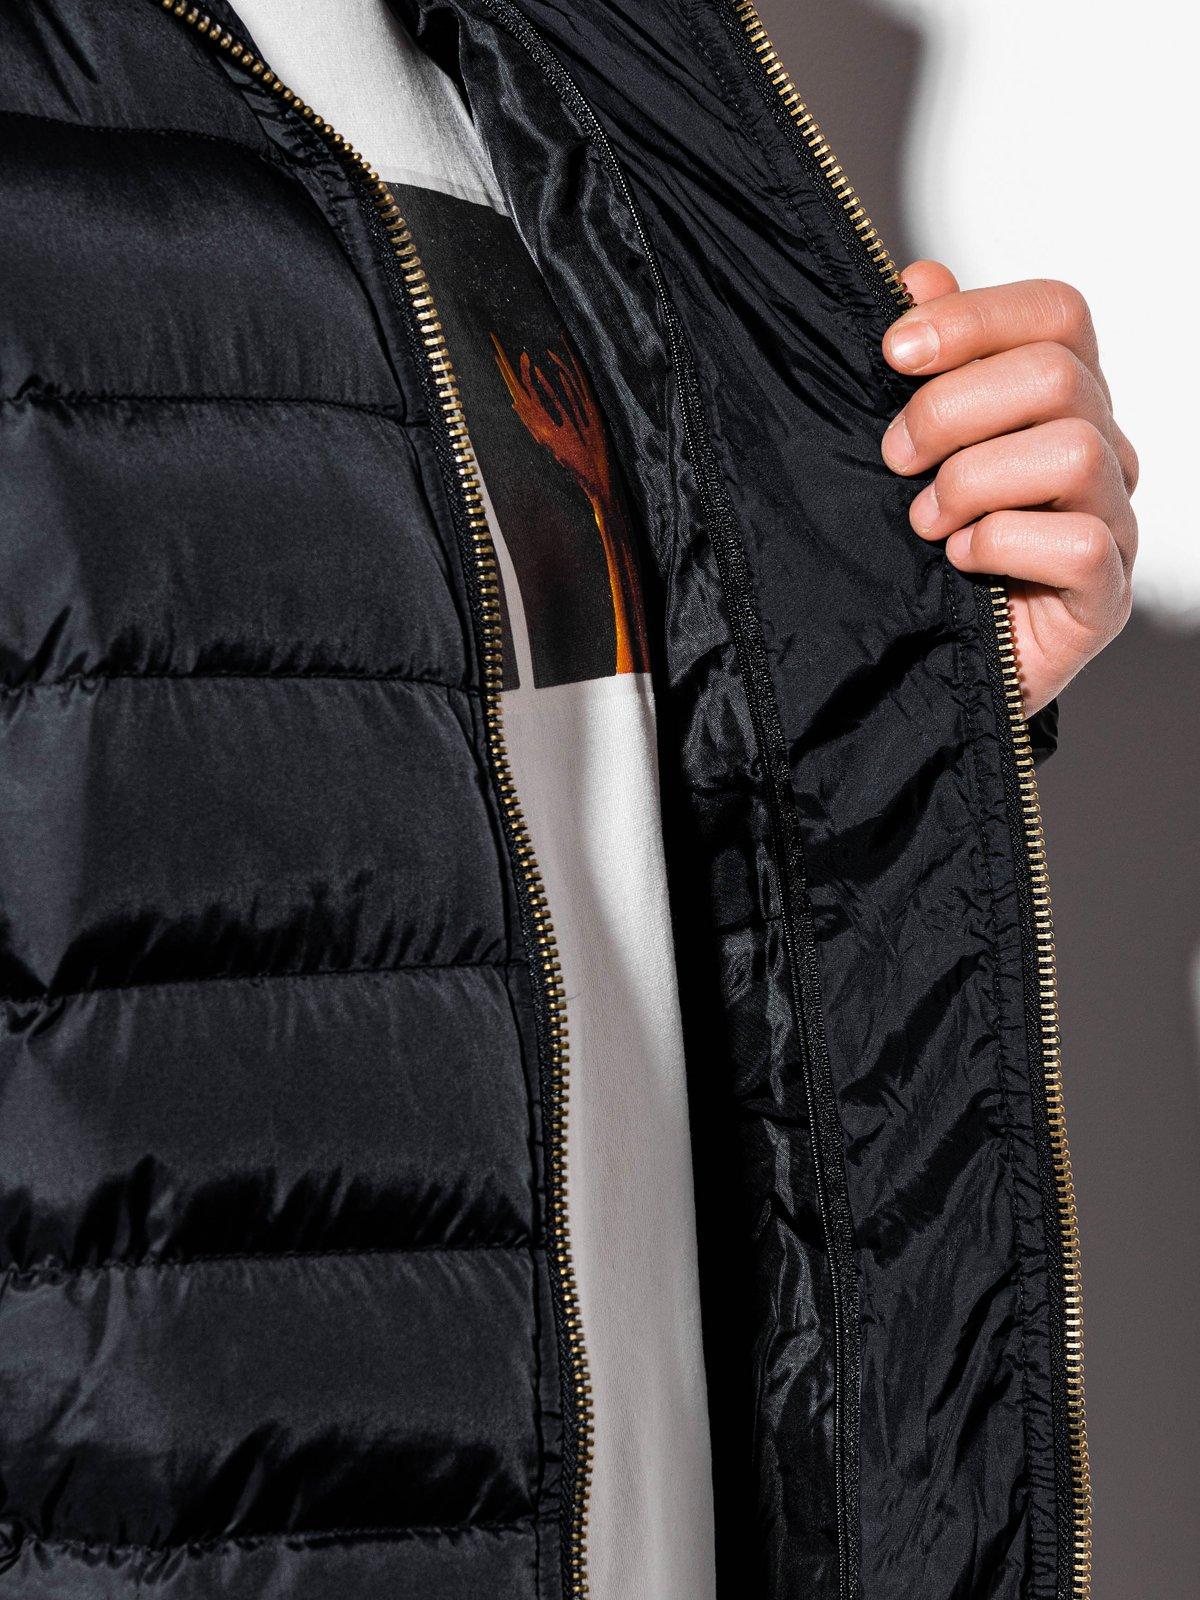 Купить со скидкой Куртка чоловіча демісезонна стьобана C384 - чорна